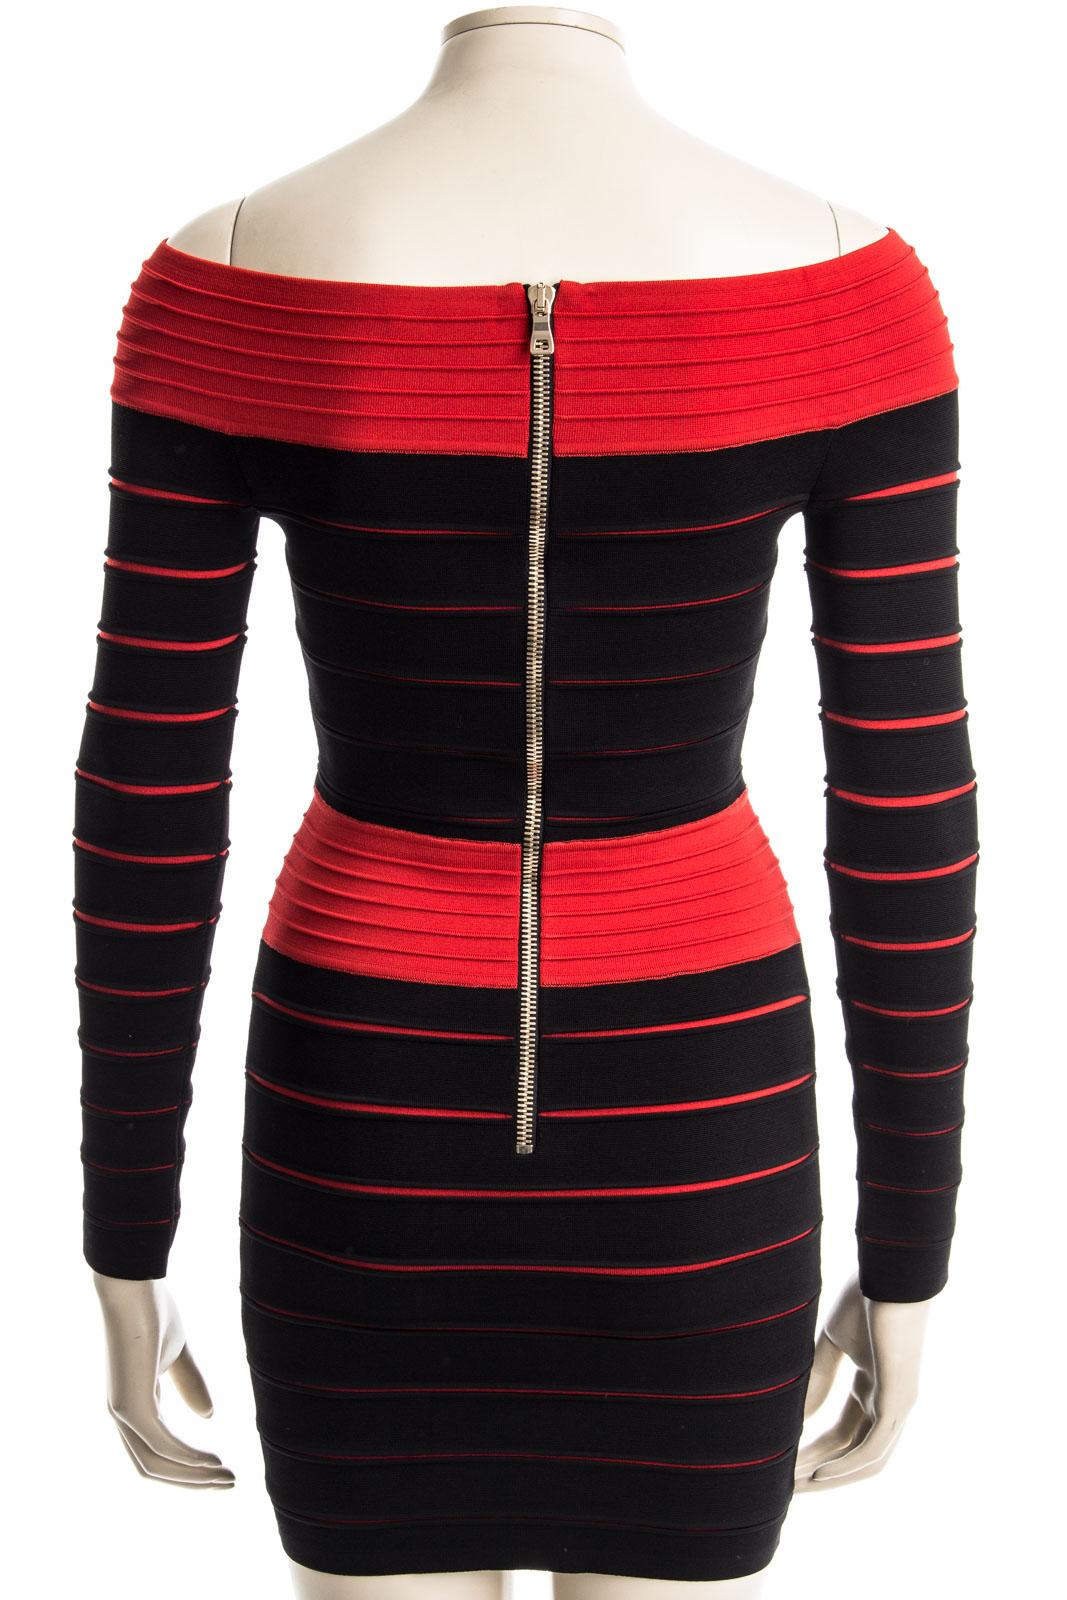 BAUDACH & SCHUSTER   BALMAIN Kleid DRESS RED - Nur in